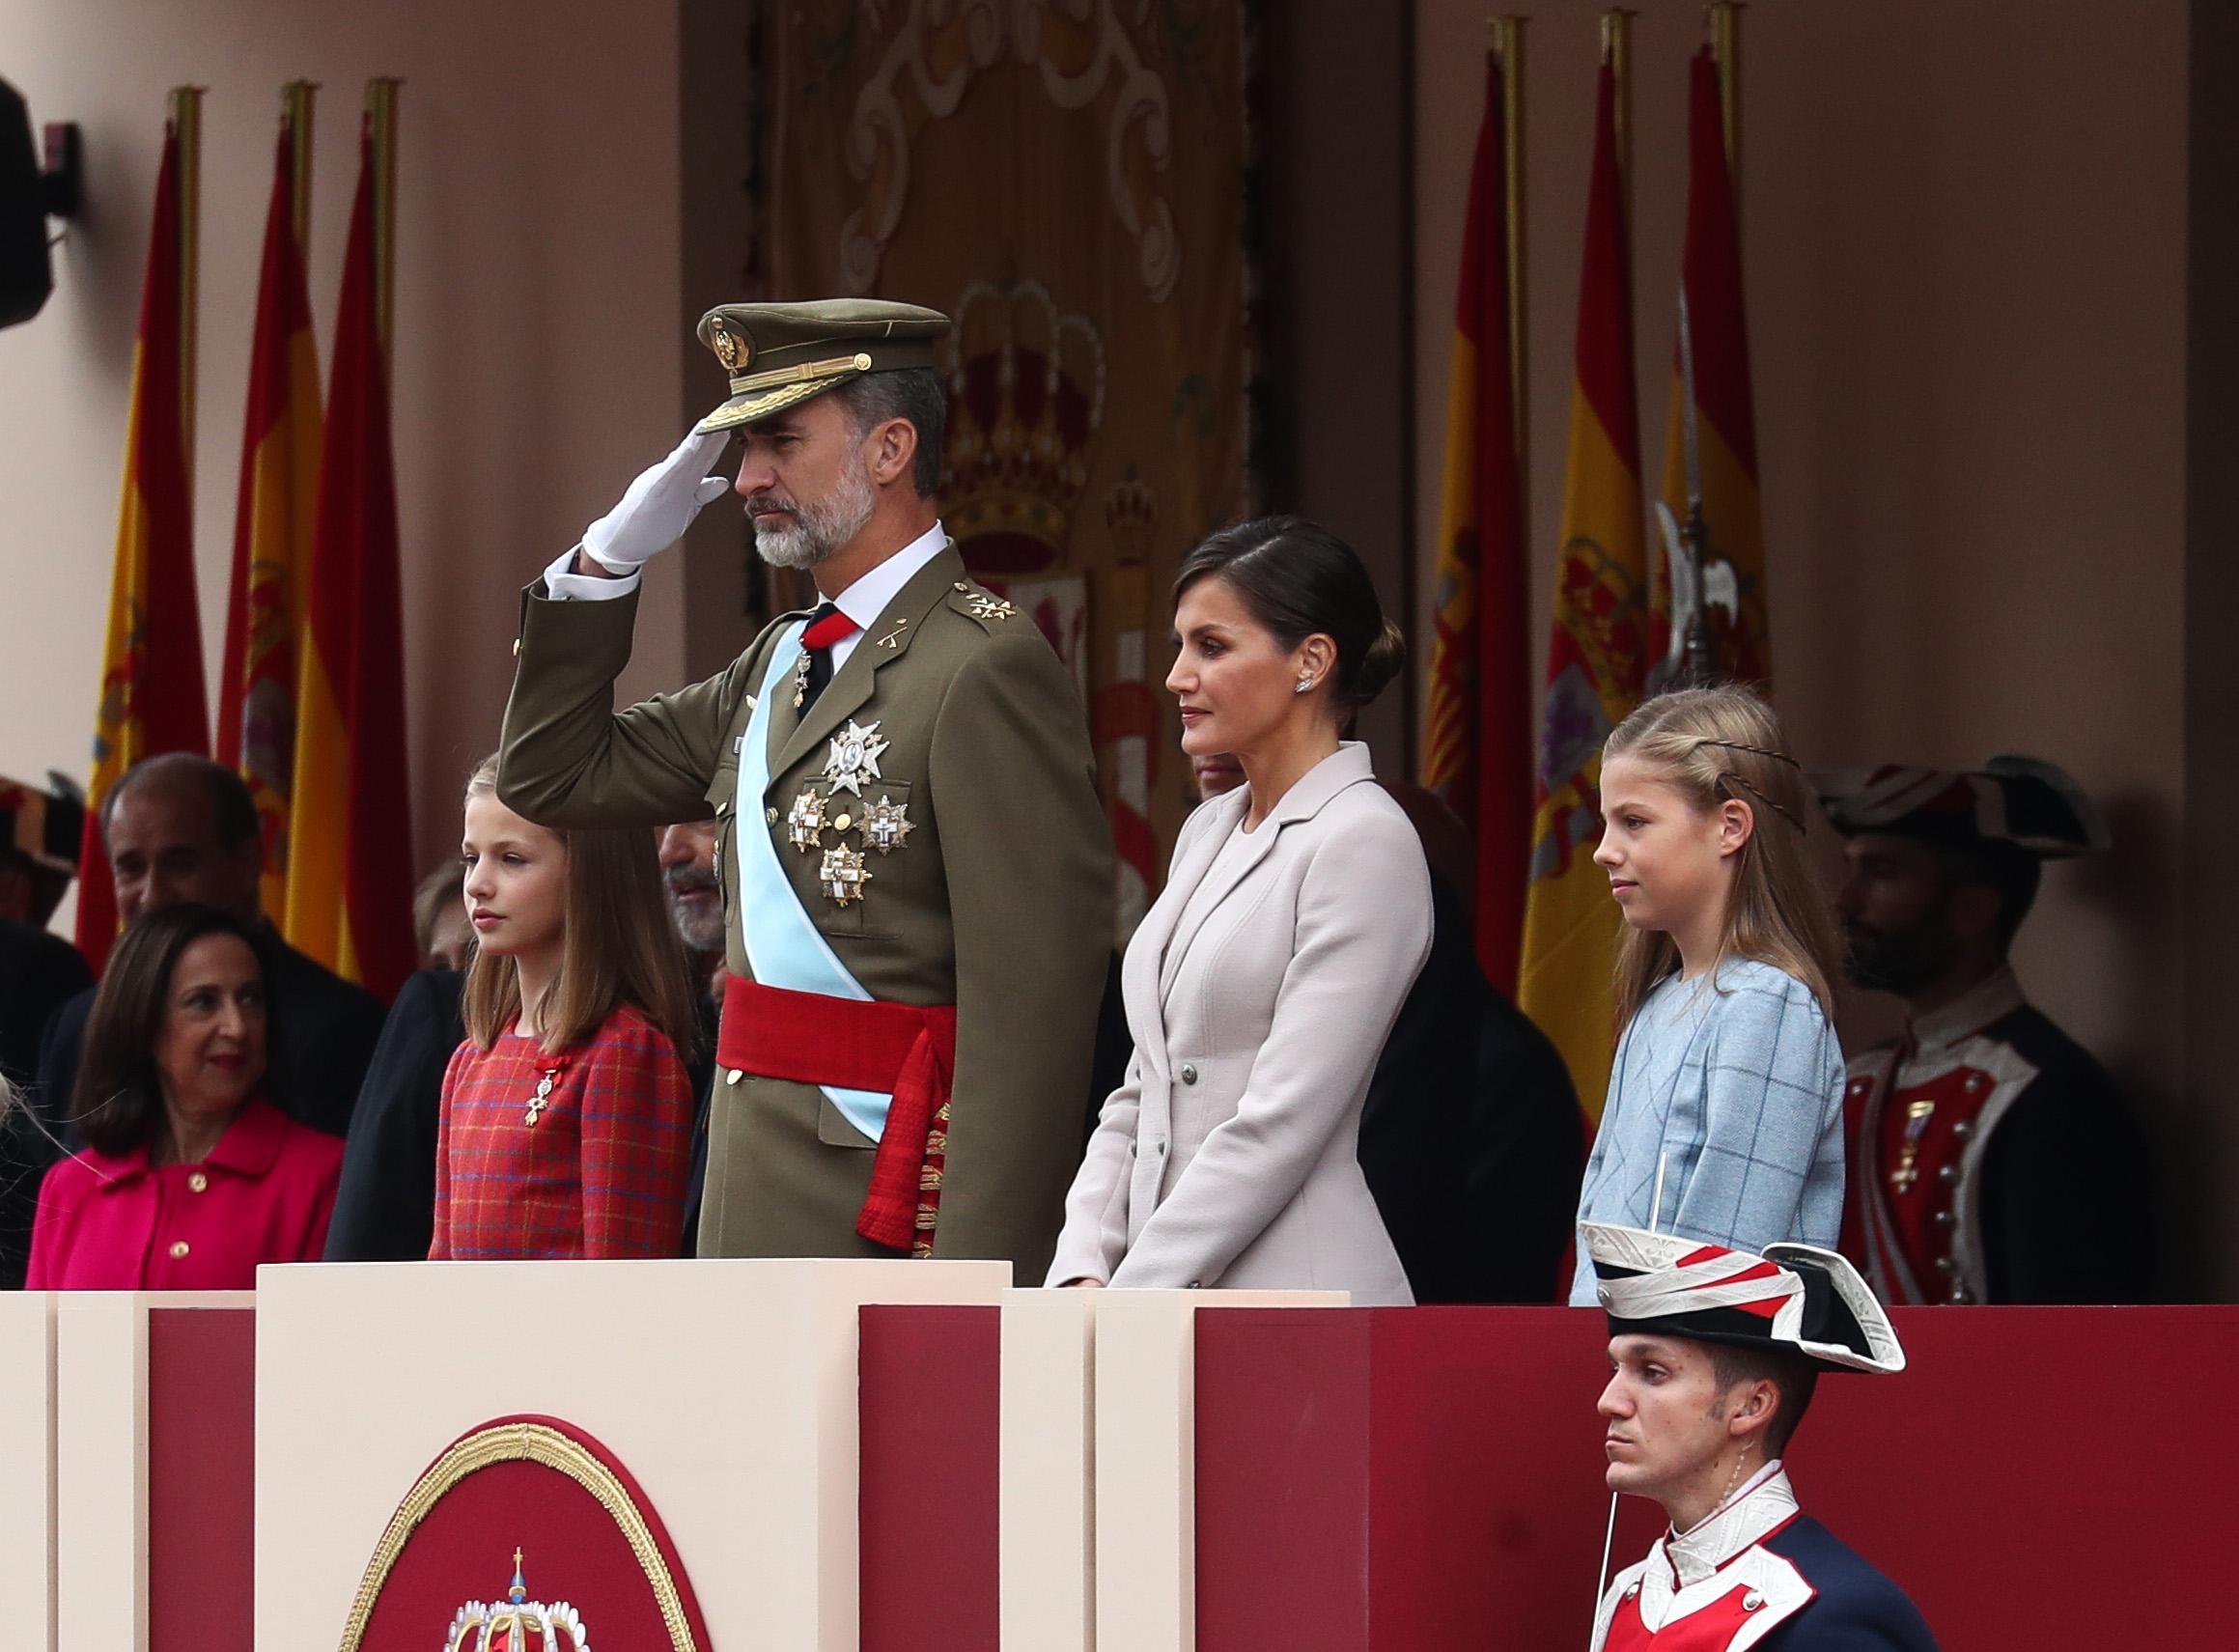 الملك فيليب وقرينته وأولاده